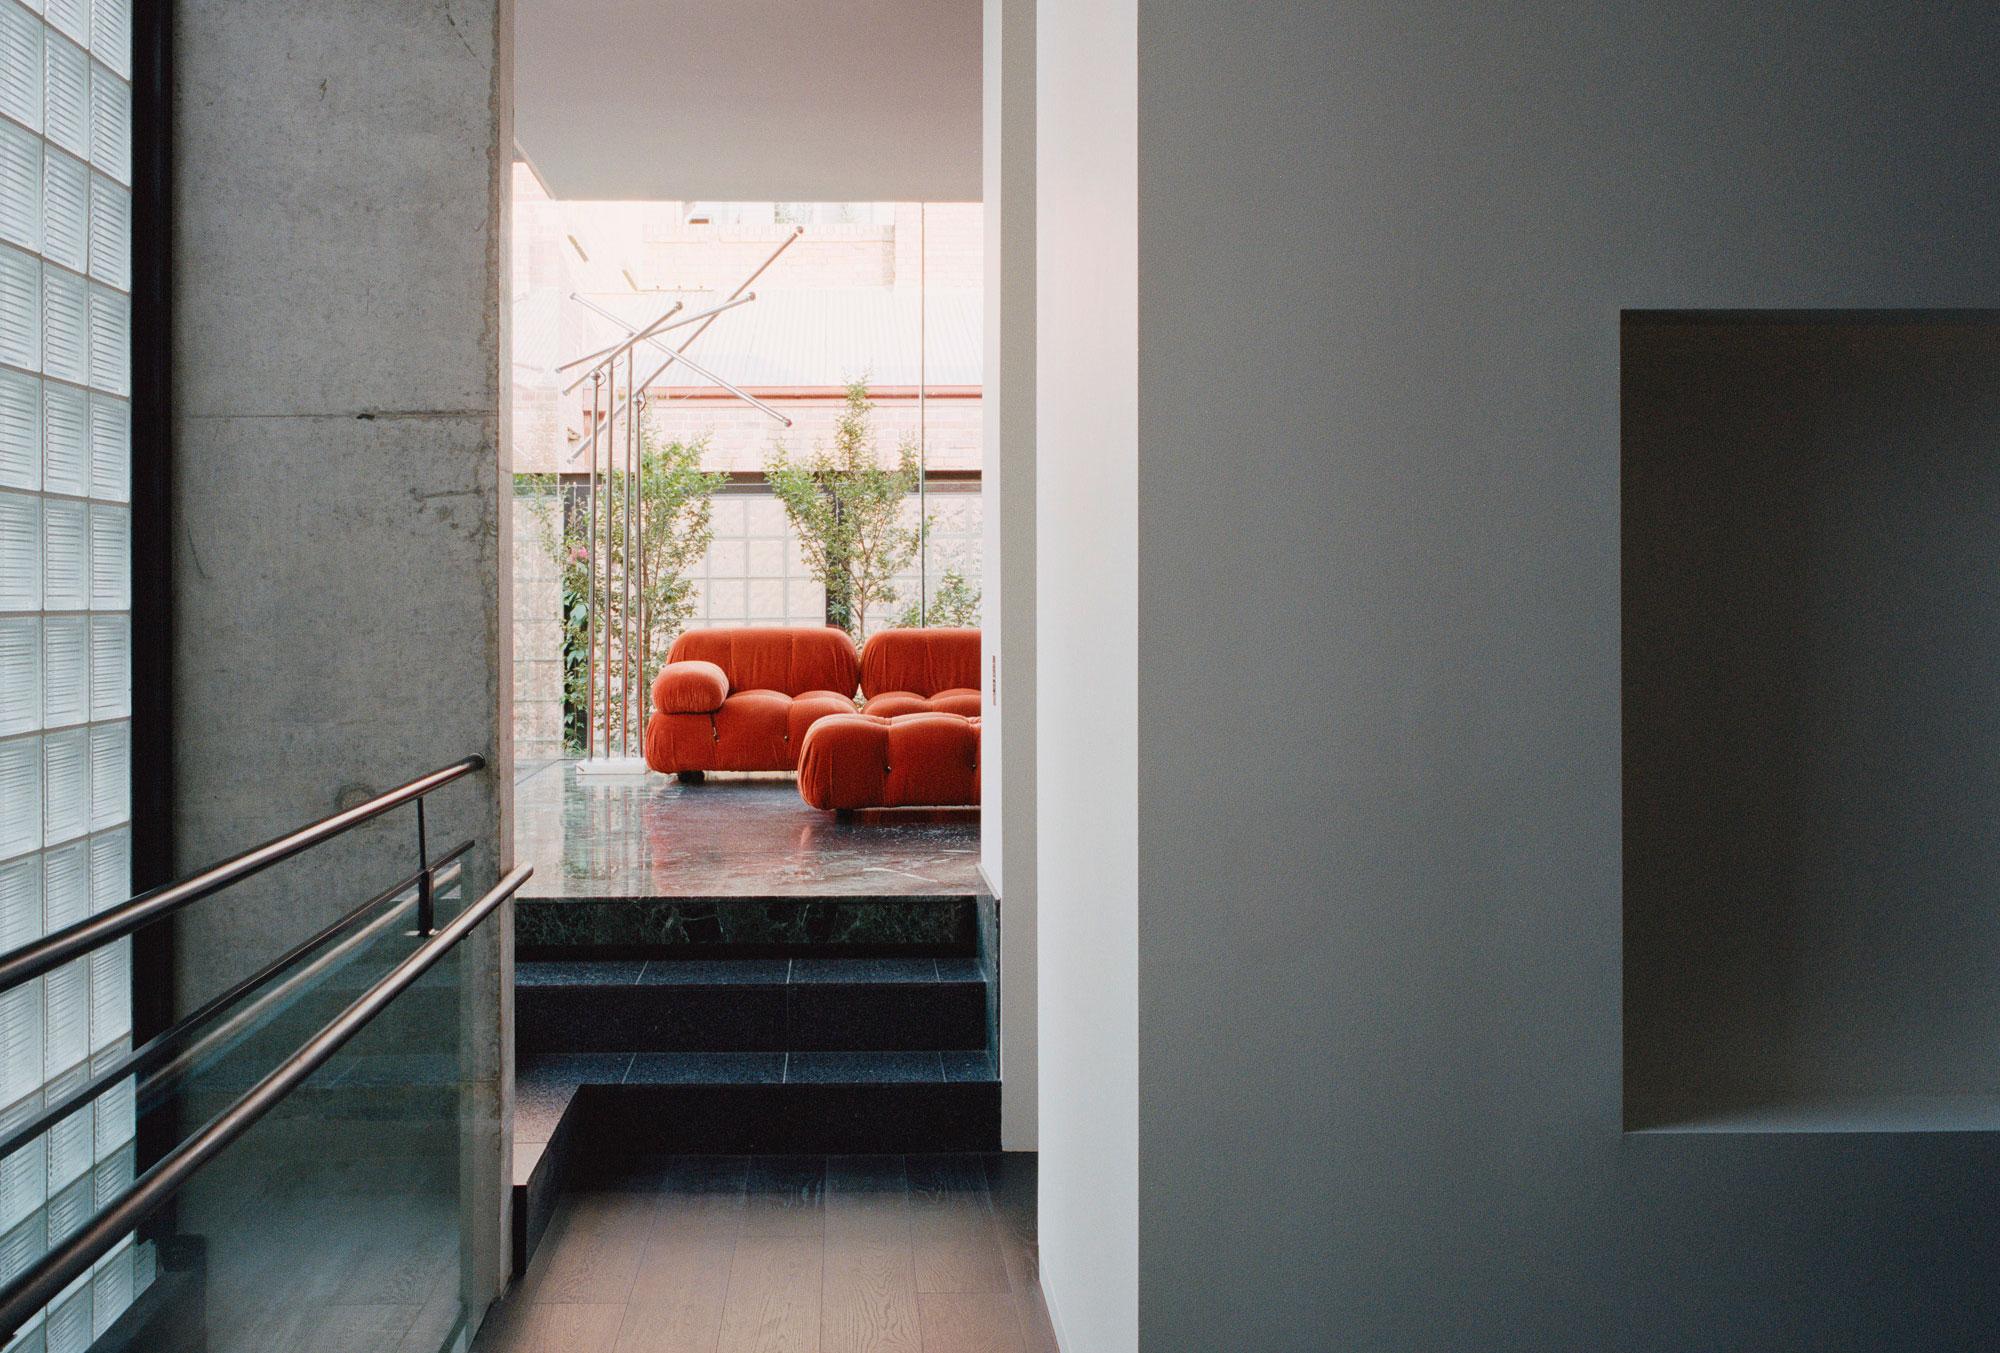 Umbau einer ehemaligen Galerie zur Wohnung